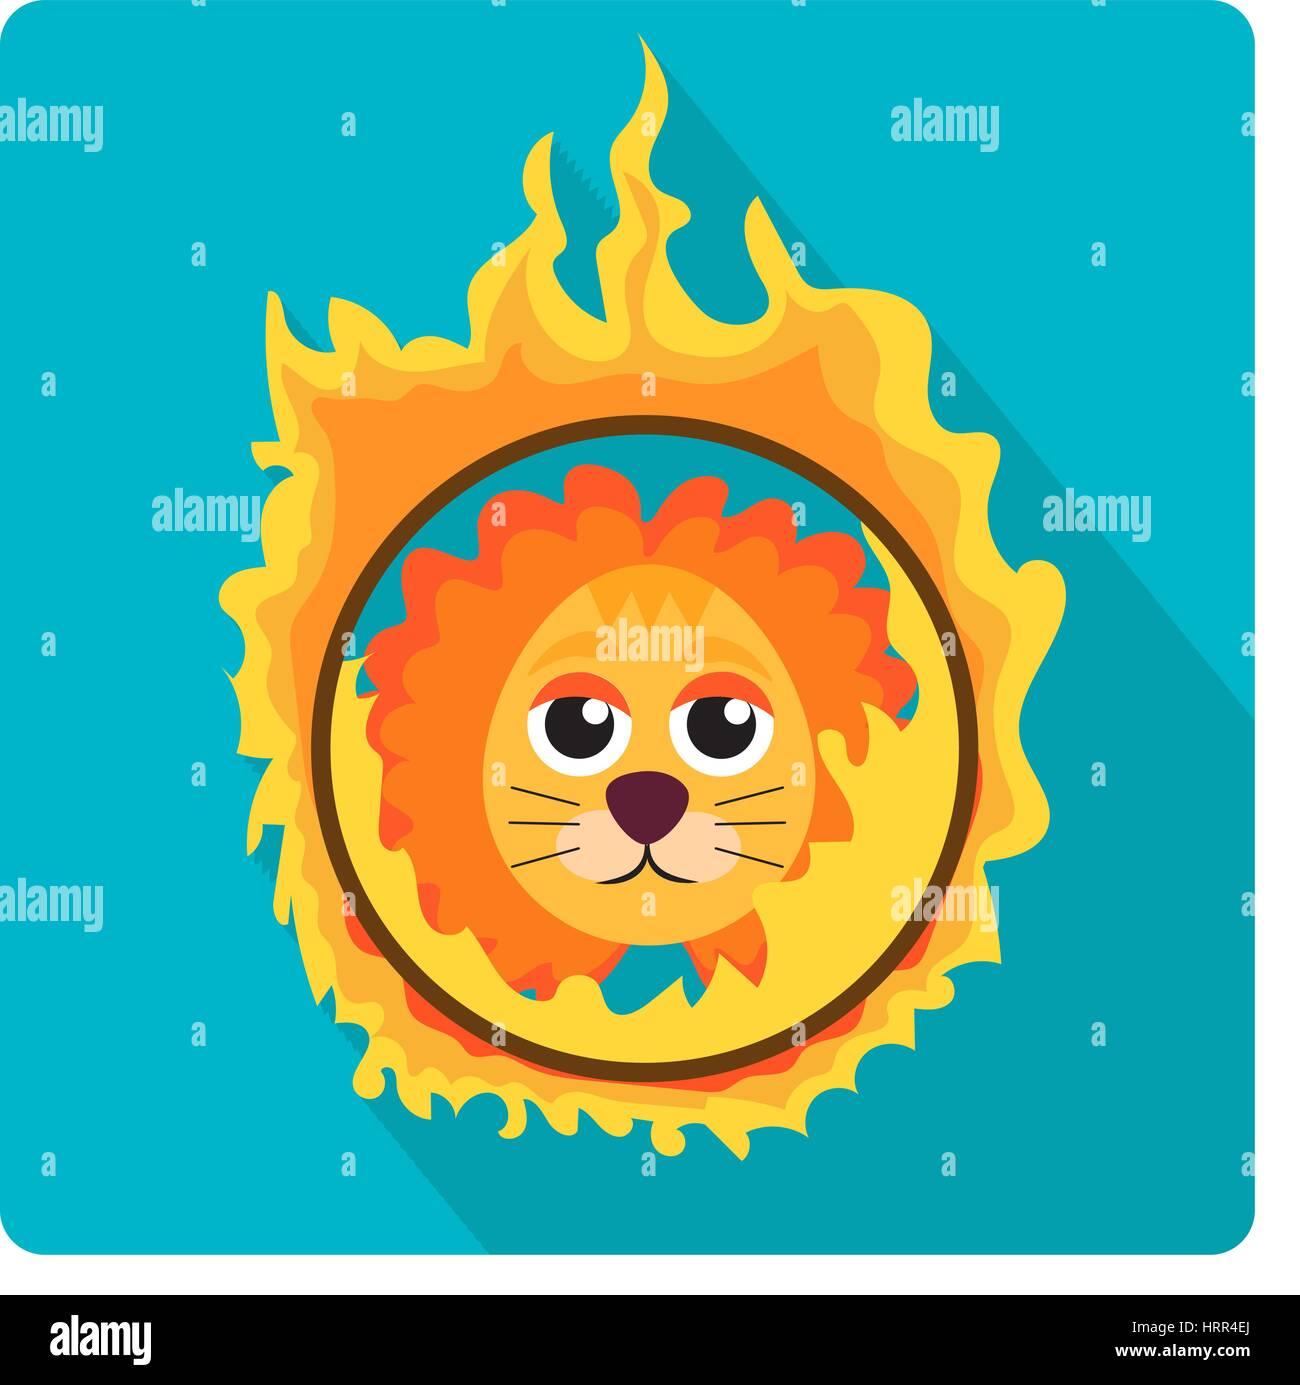 lion circus cartoon stock photos u0026 lion circus cartoon stock